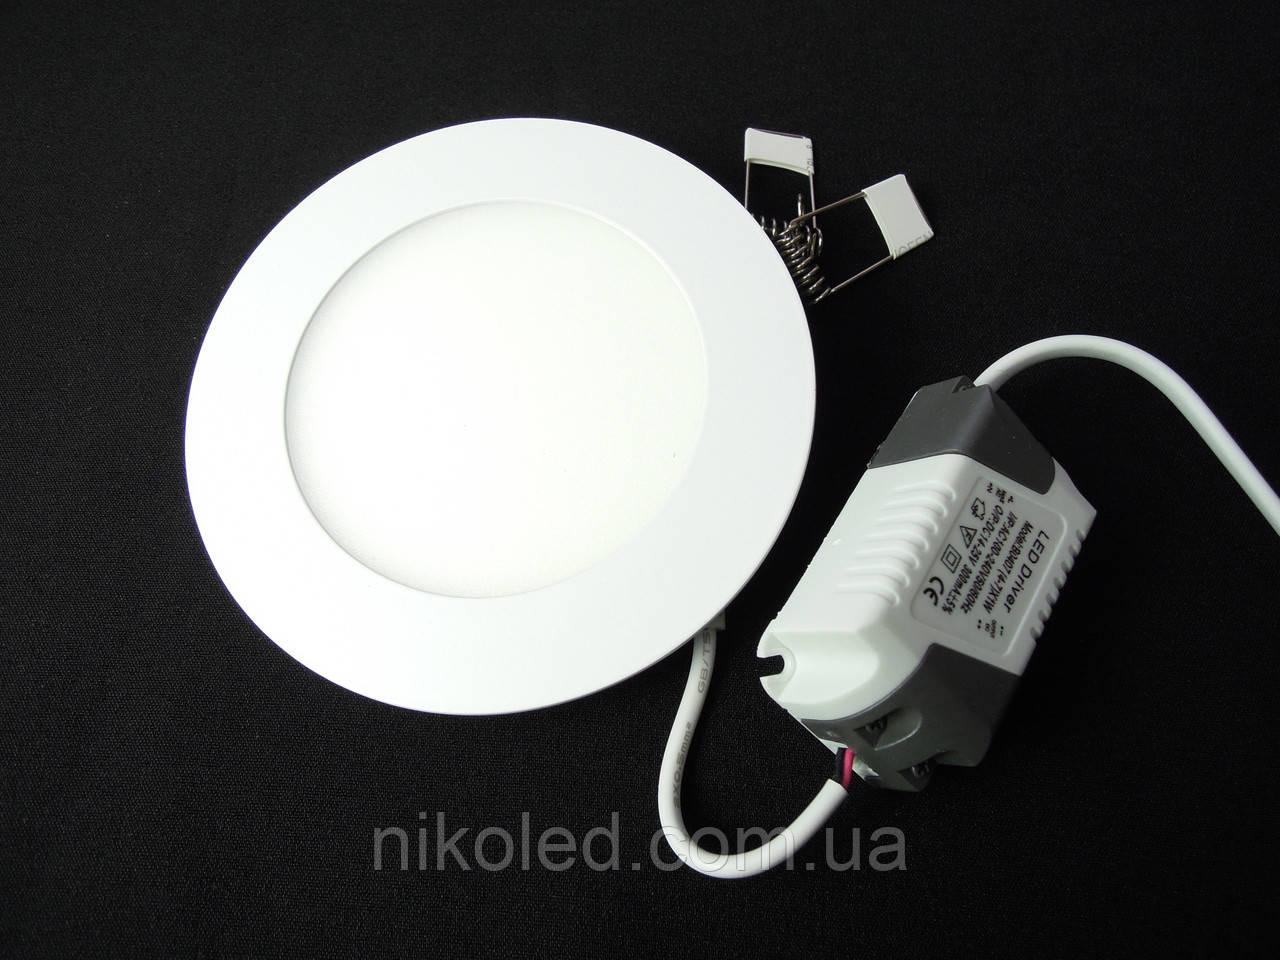 Светильник точечный Slim LED 6W круг